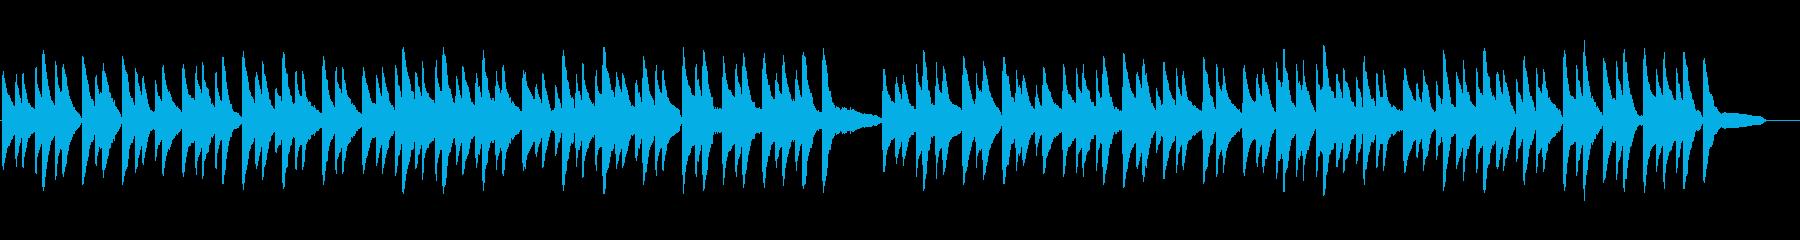 環境音楽風あんたがたどこさ(地方版)の再生済みの波形